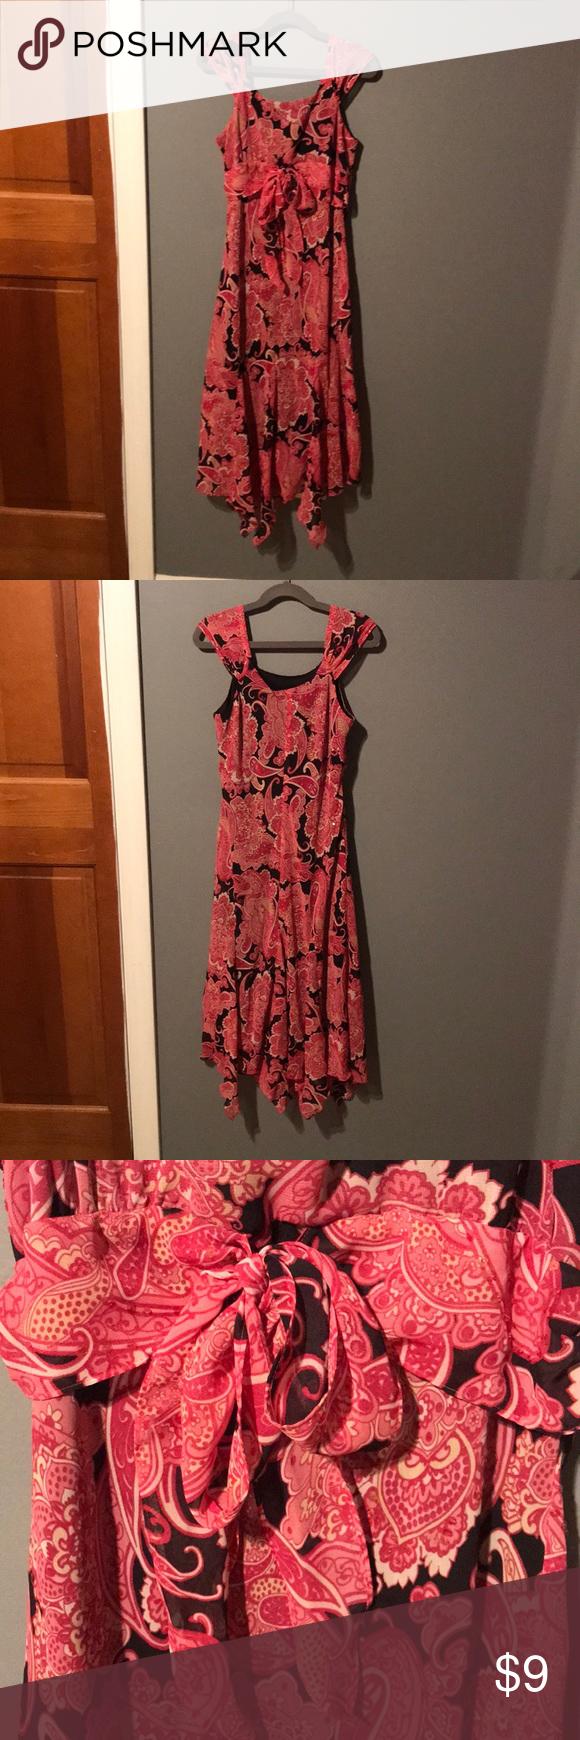 Limited Too Dress Dresses Clothes Design Casual Dresses [ 1740 x 580 Pixel ]